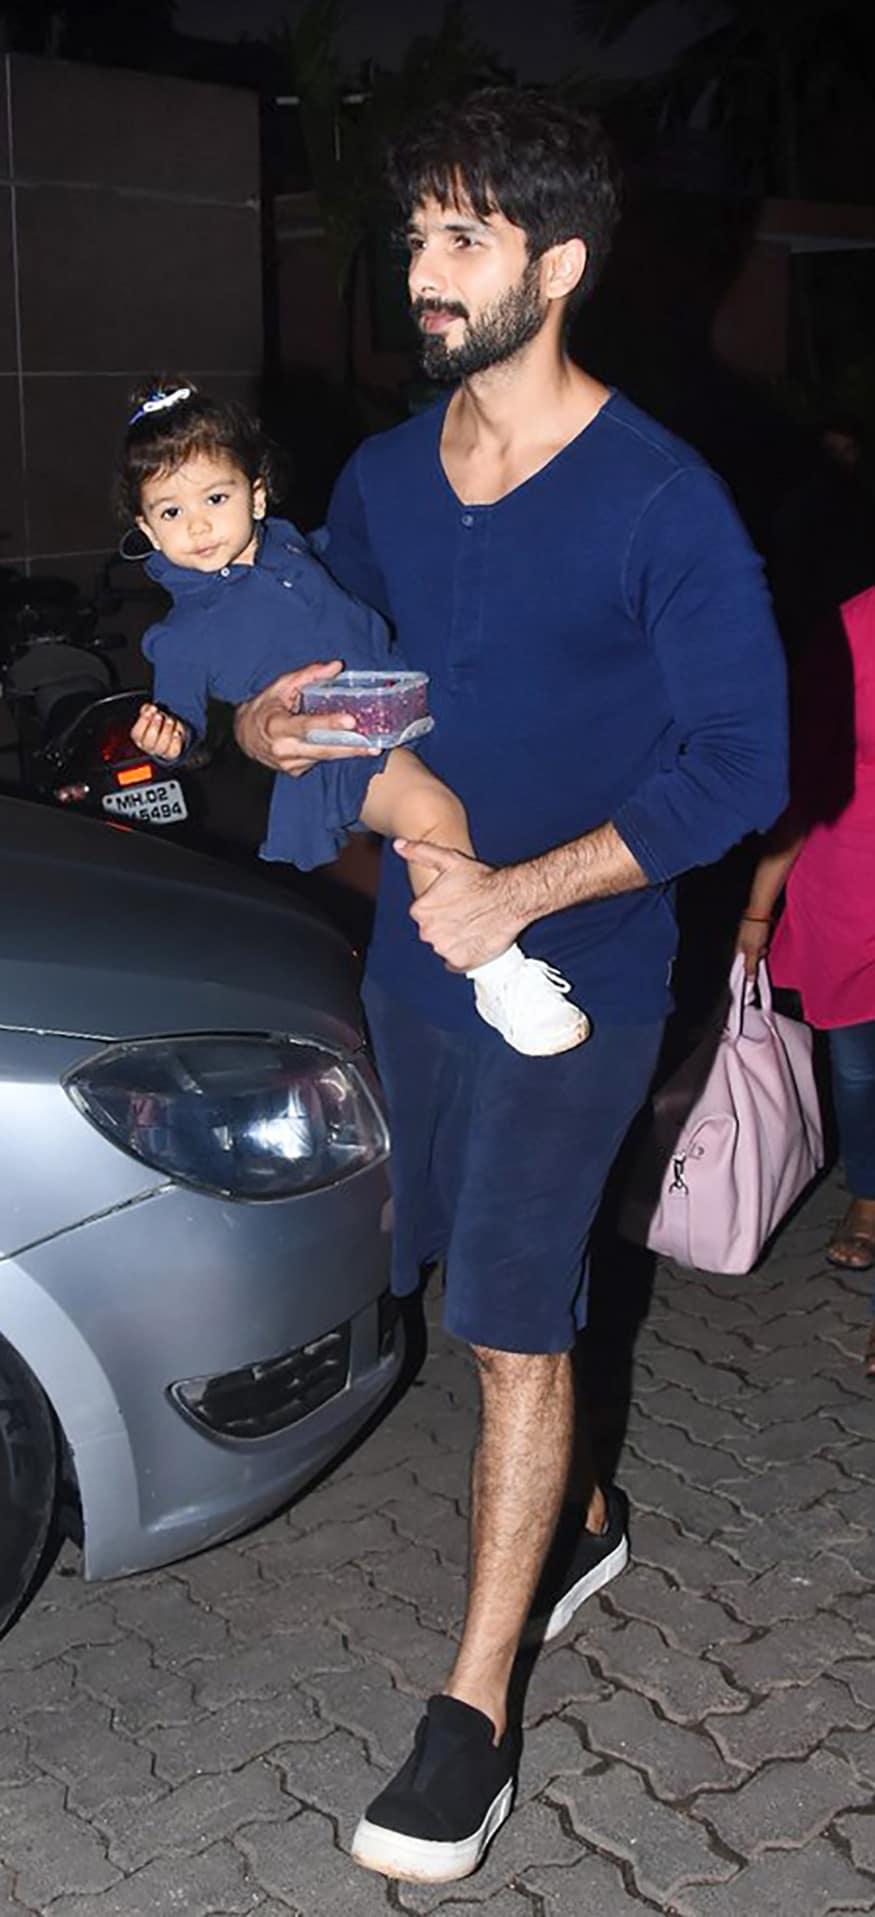 মেয়ে মীশার সঙ্গে শহিদ কাপুর (Image: Yogen Shah)